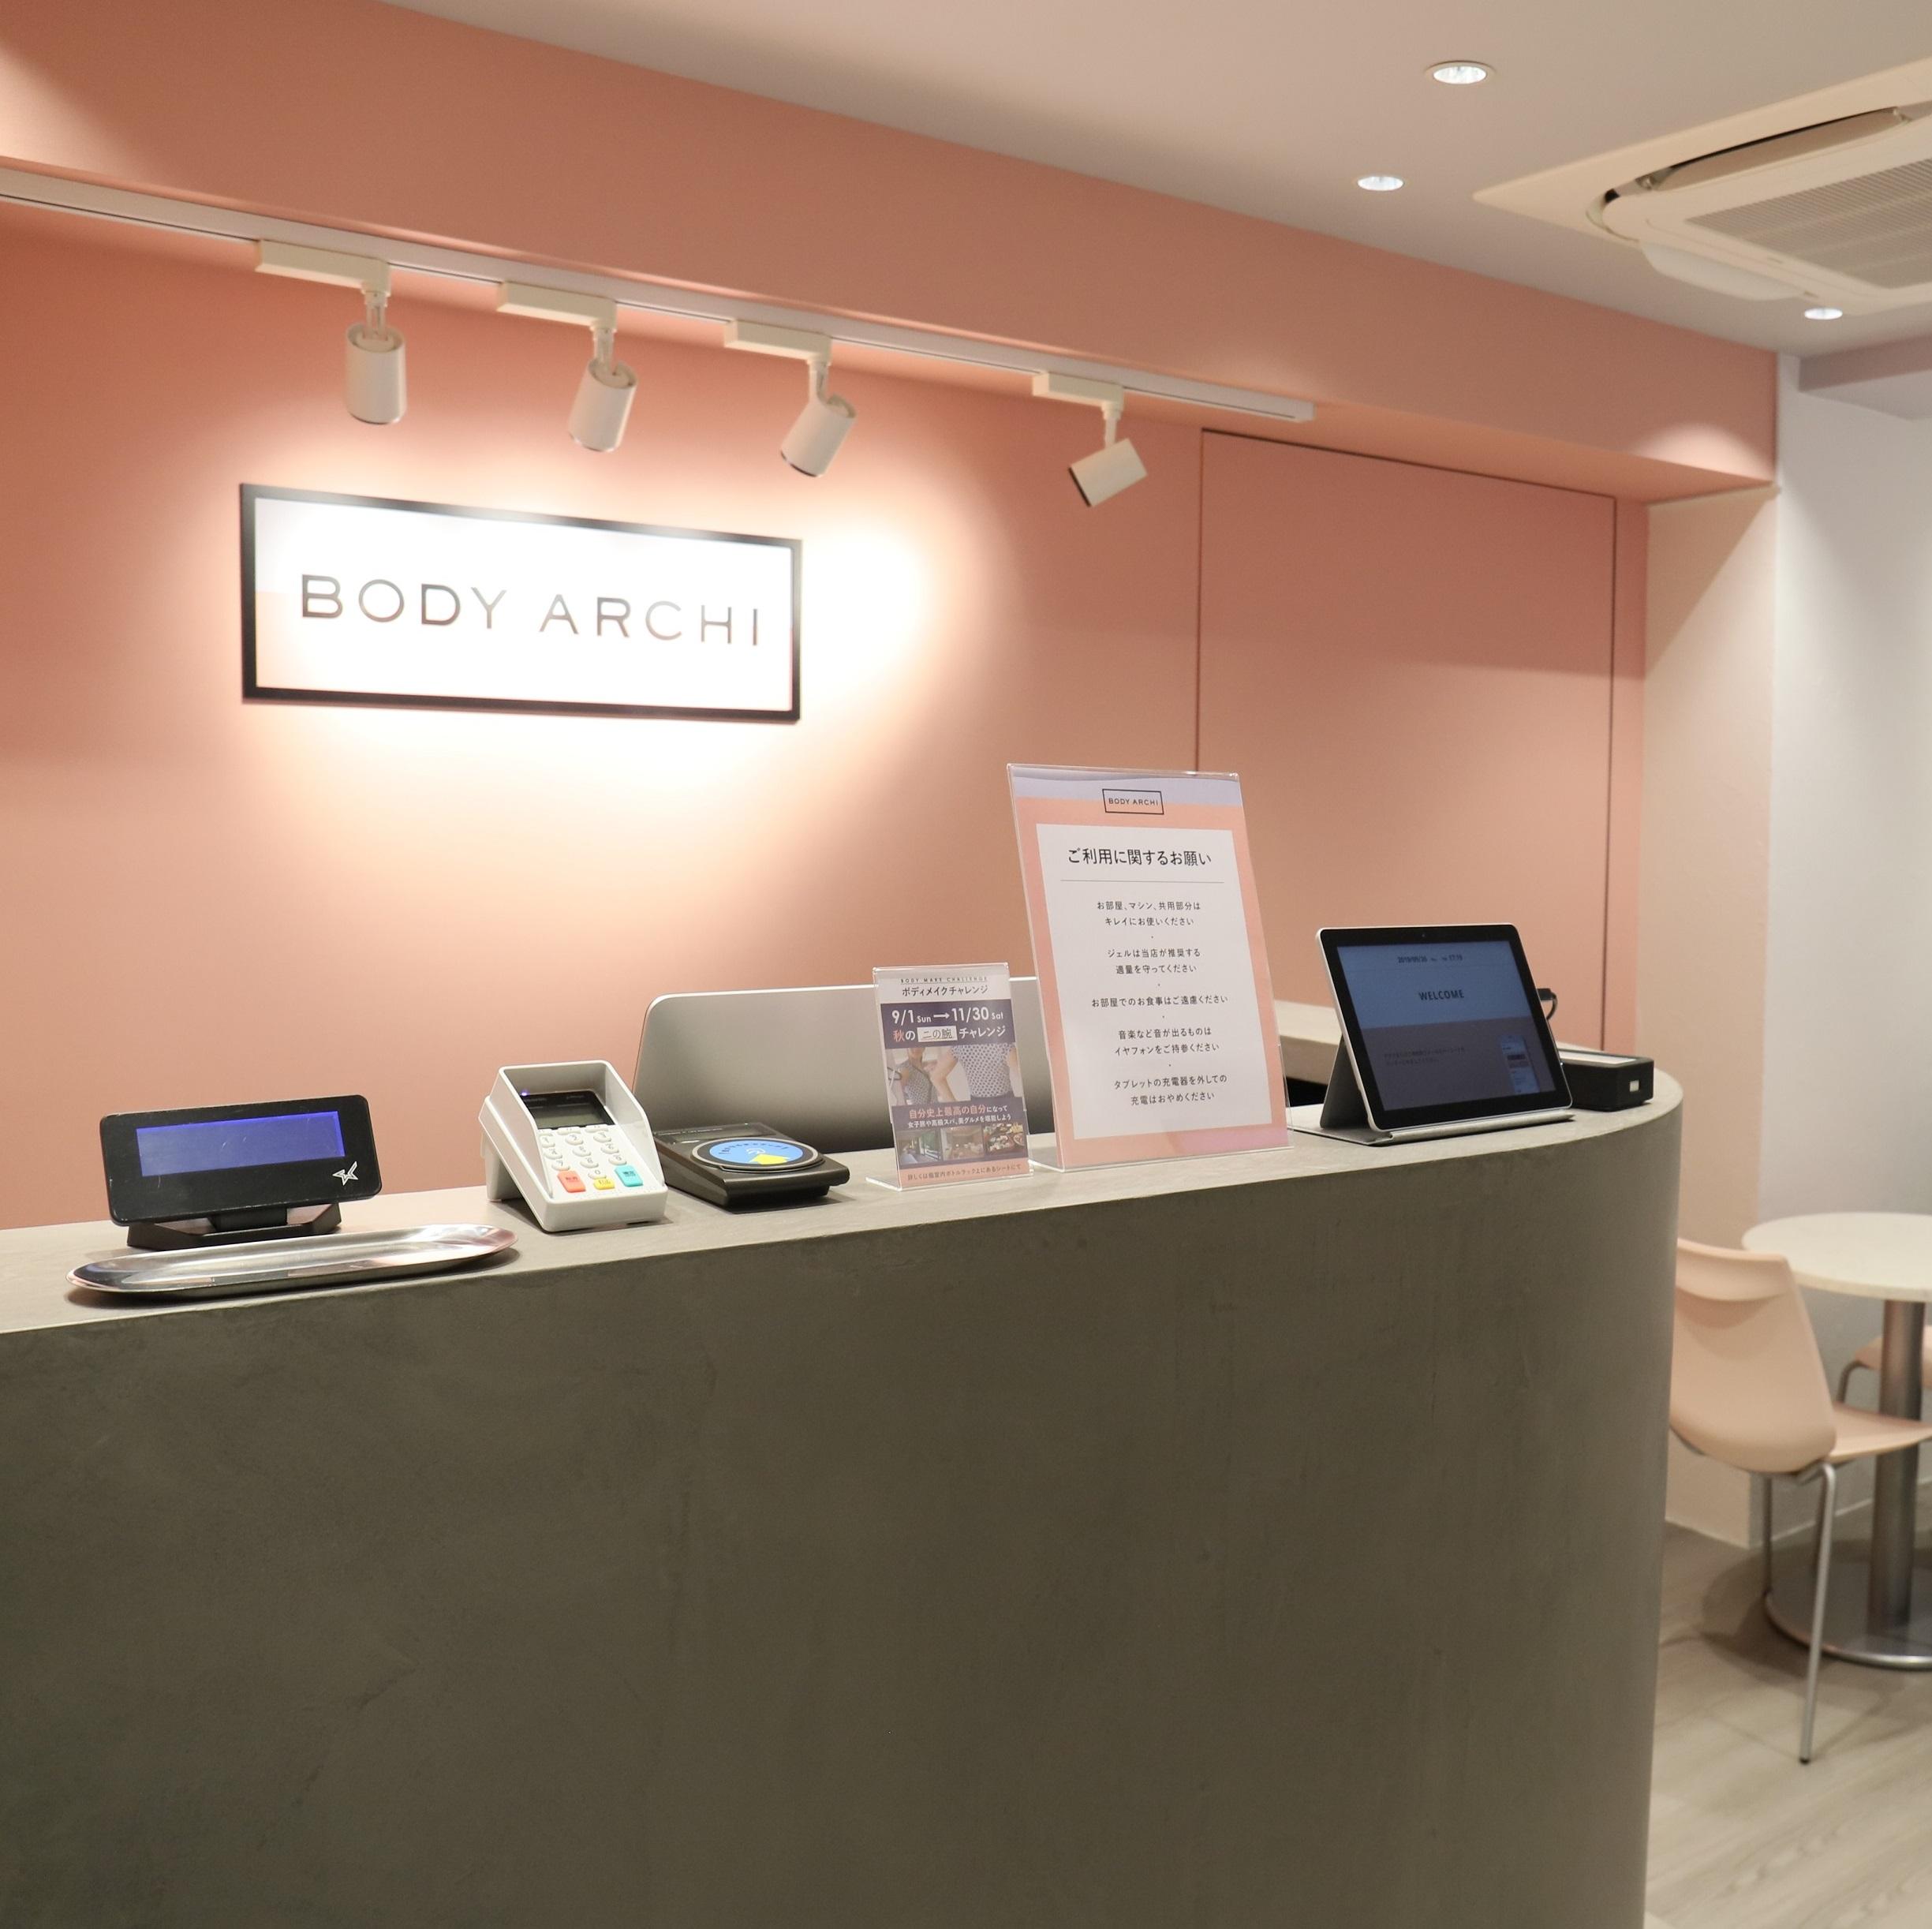 定額制セルフエステ「BODY ARCHI (ボディアーキ)」が名古屋・栄にオープン